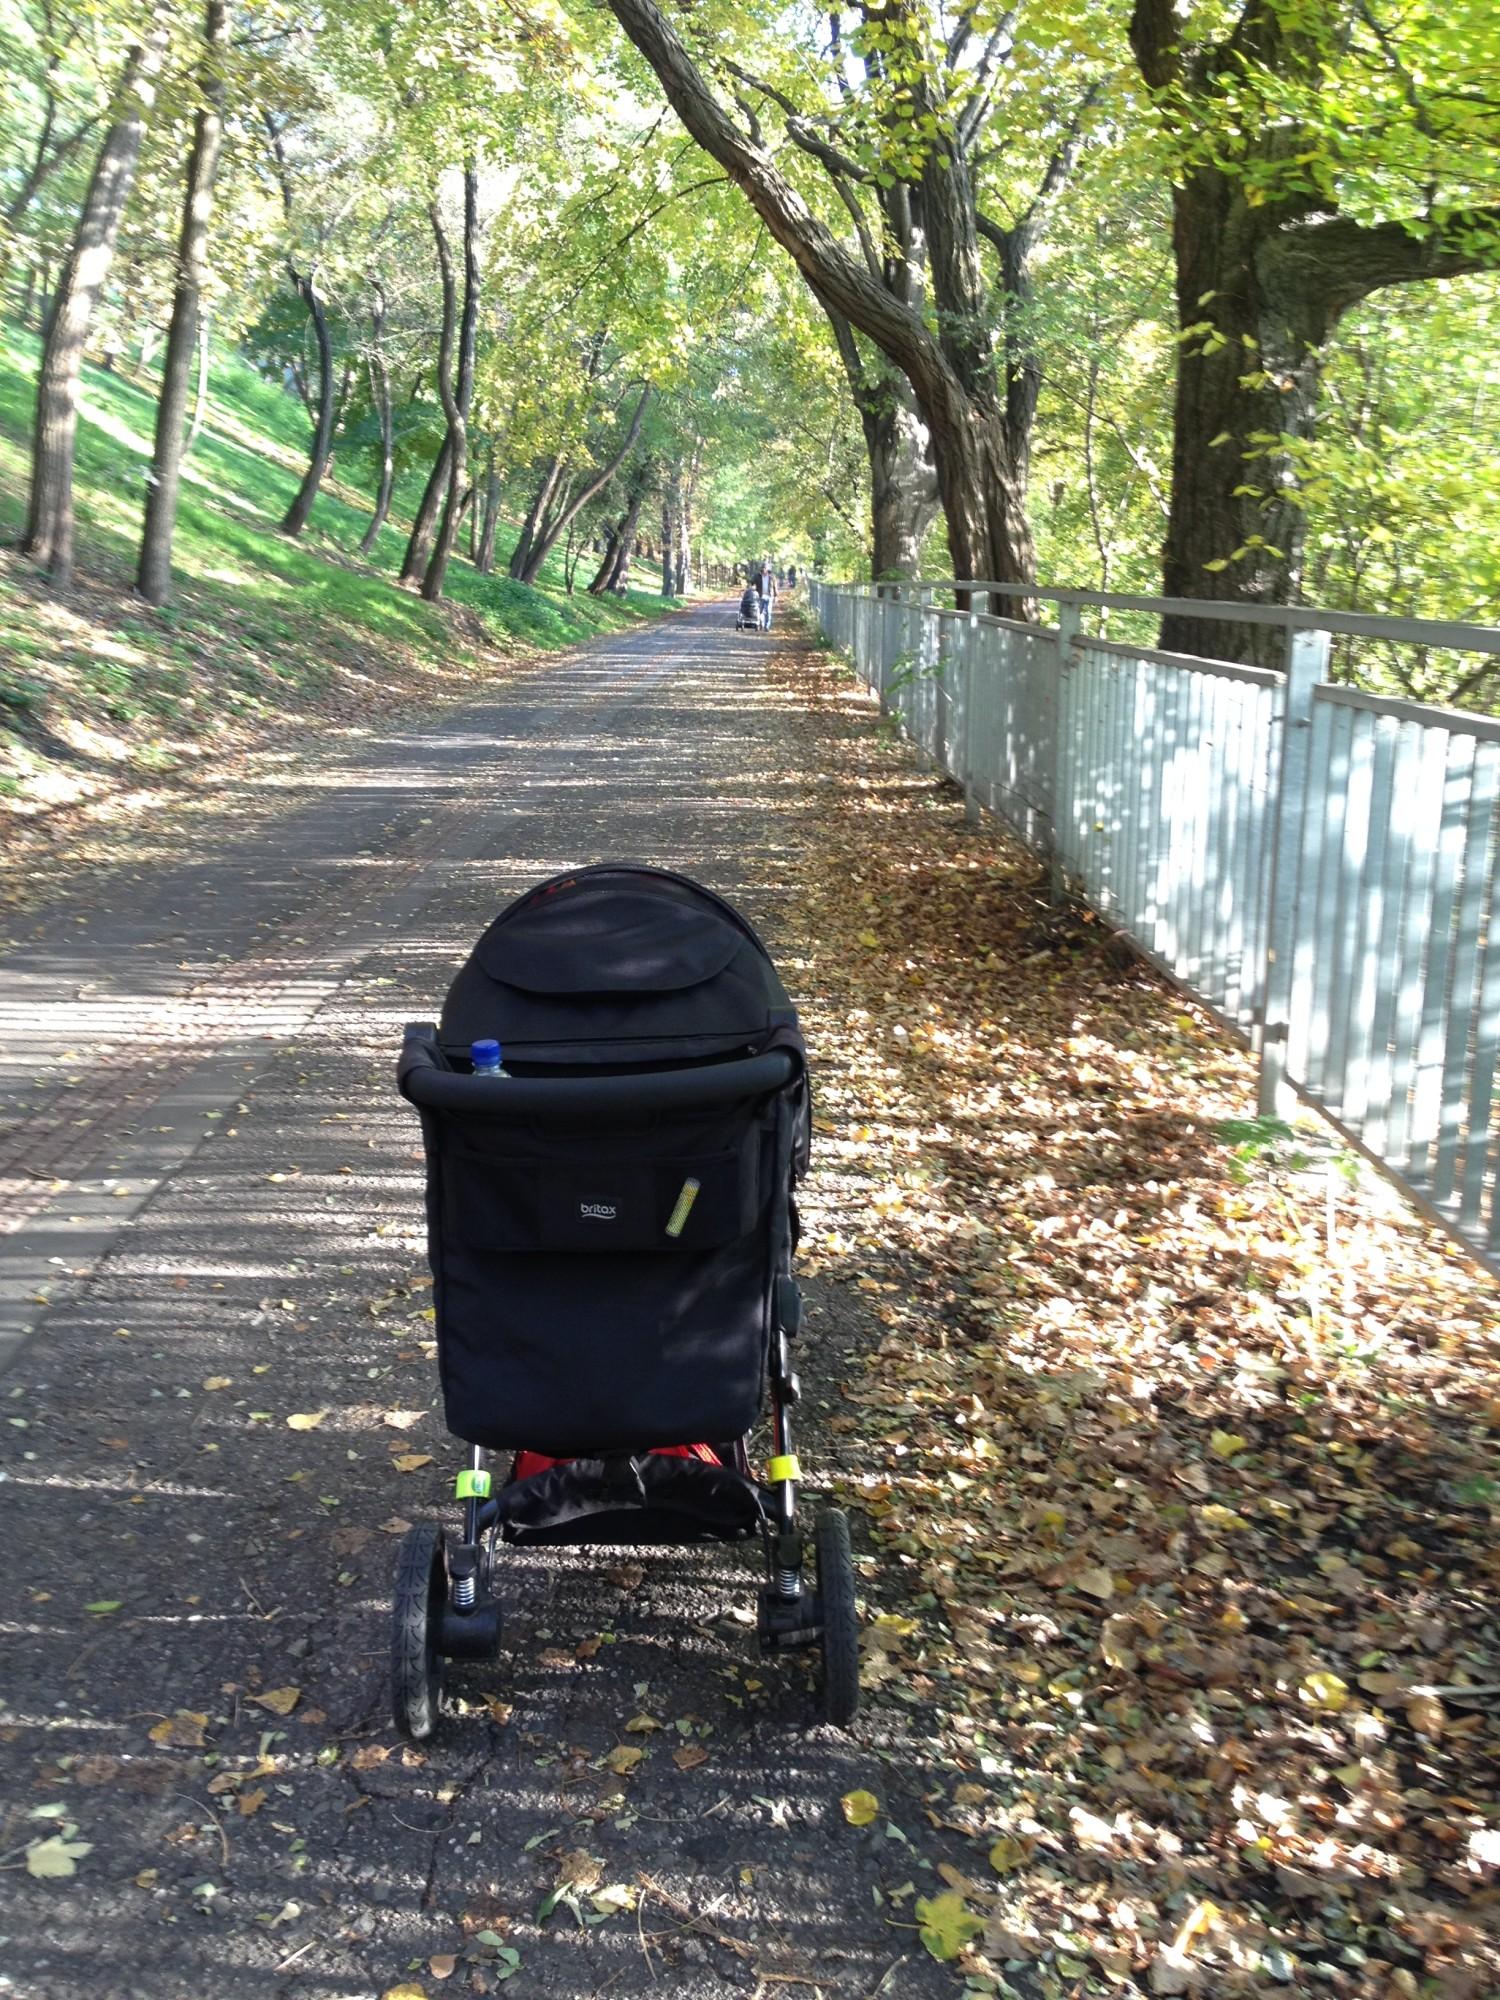 Beh s kočíkom vs. strollering